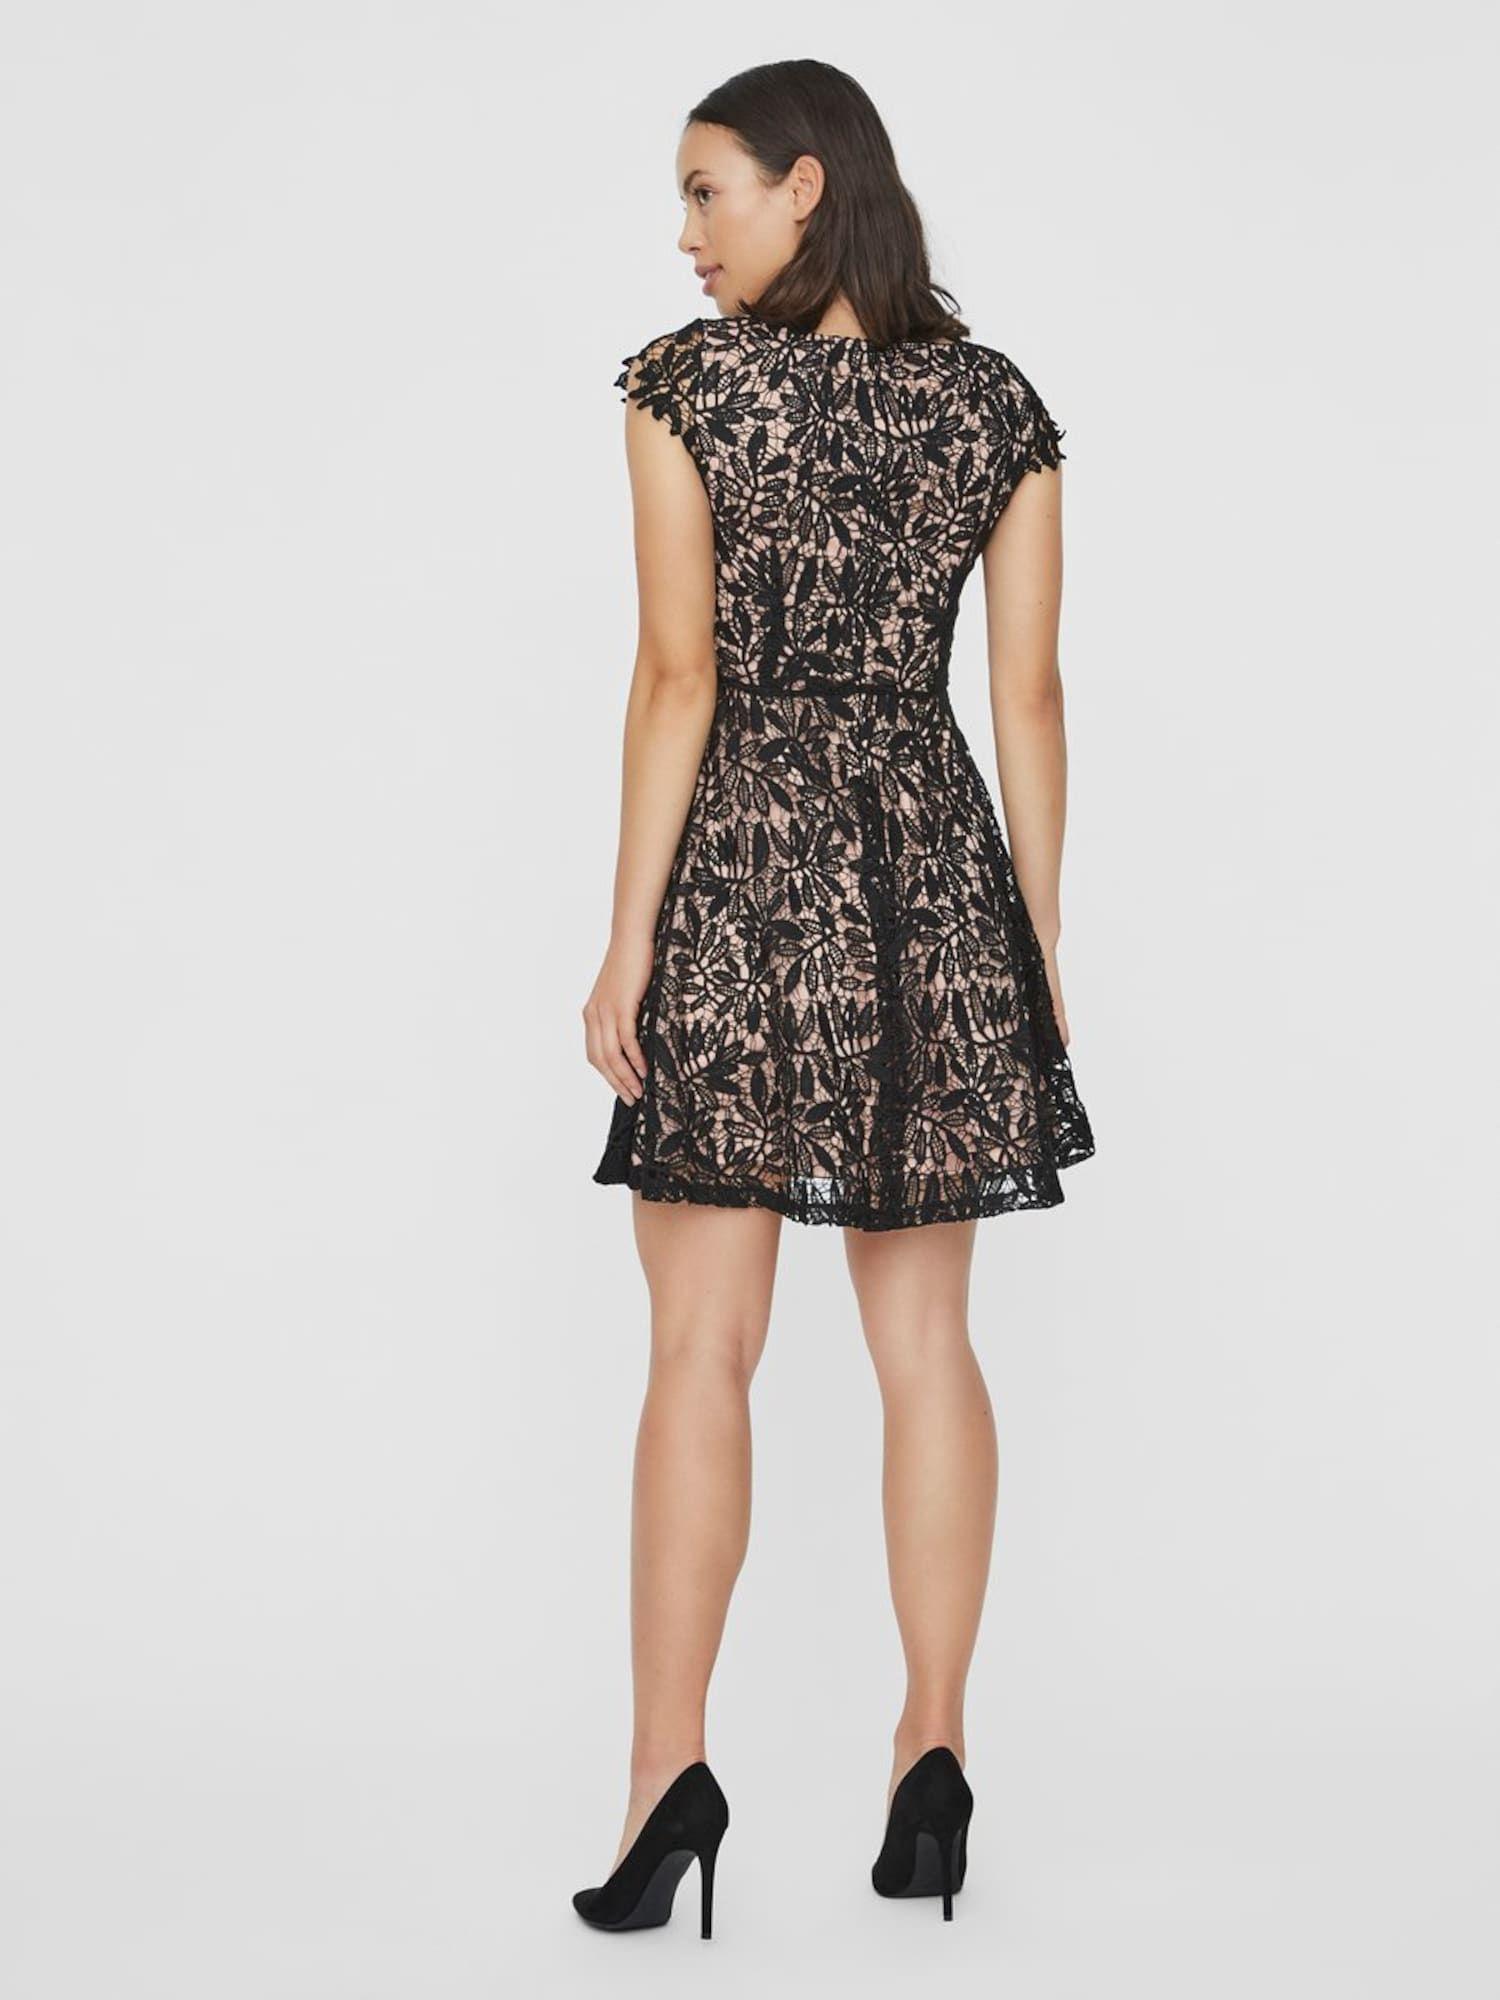 15 Perfekt Vero Moda Abendkleider StylishFormal Cool Vero Moda Abendkleider Galerie